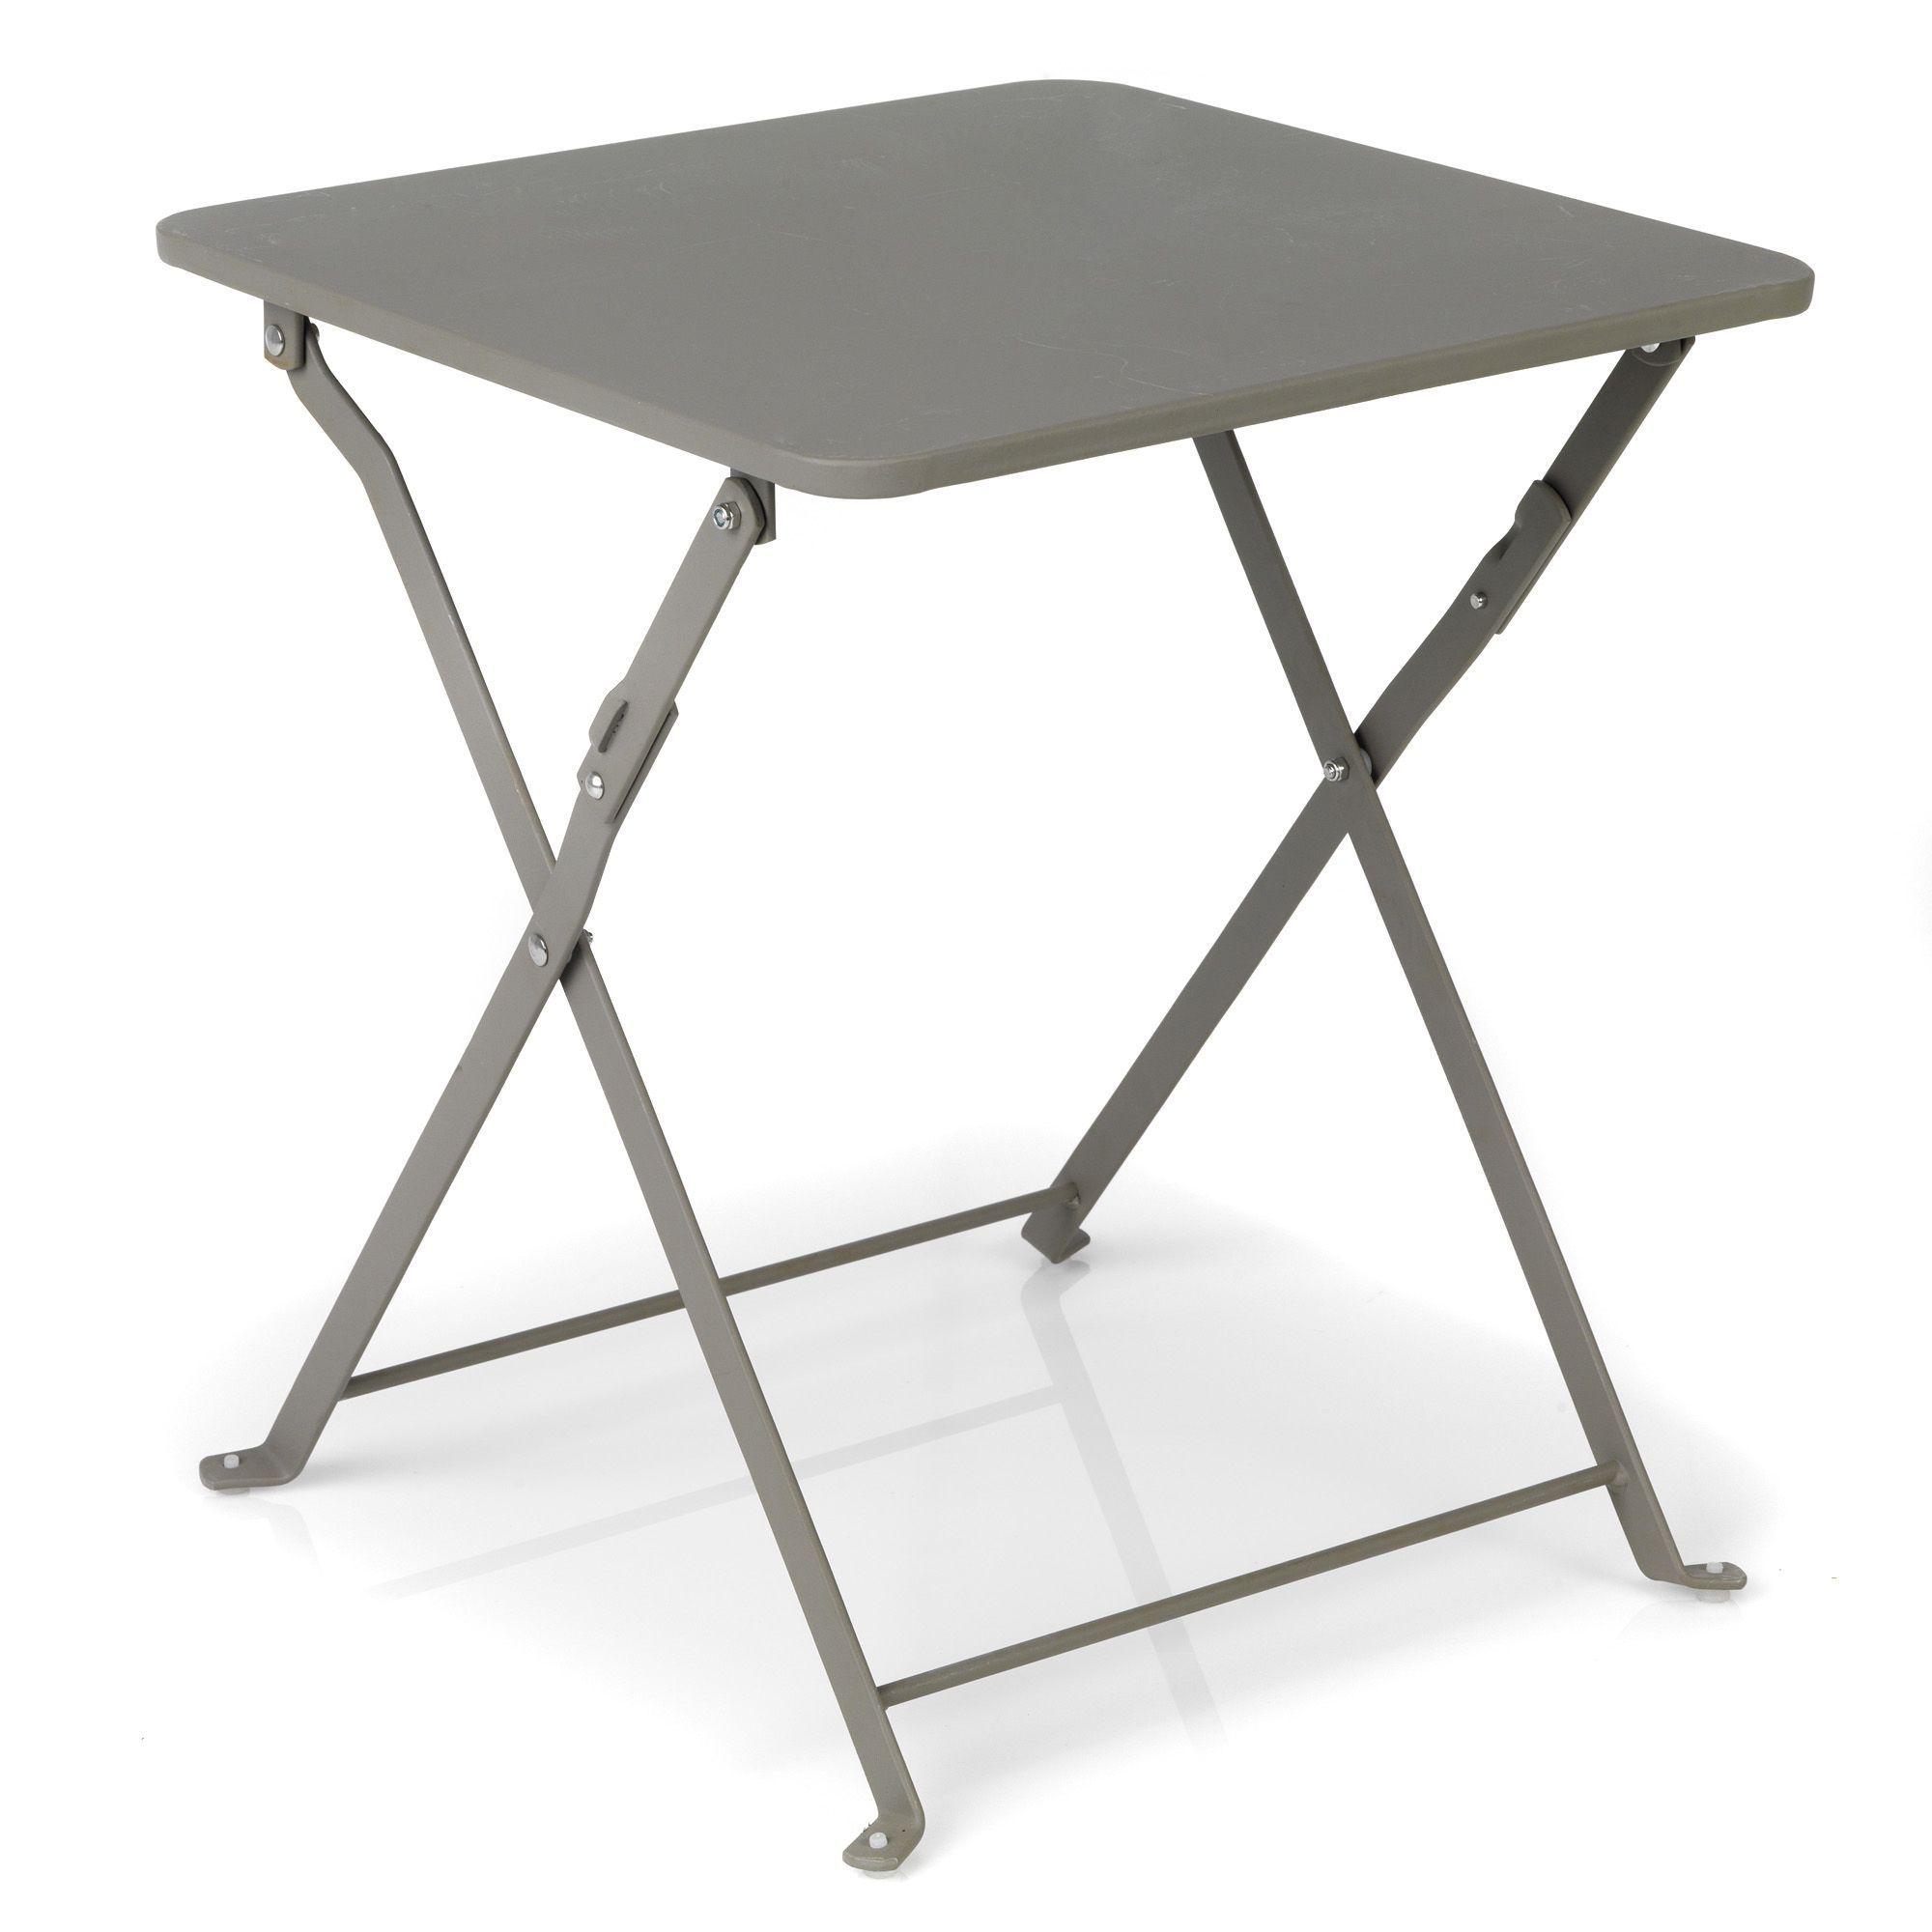 Table D'appoint Pliante Taupe - Ted - Les Tables Basses Pour ... à Table Basse De Jardin Pliante